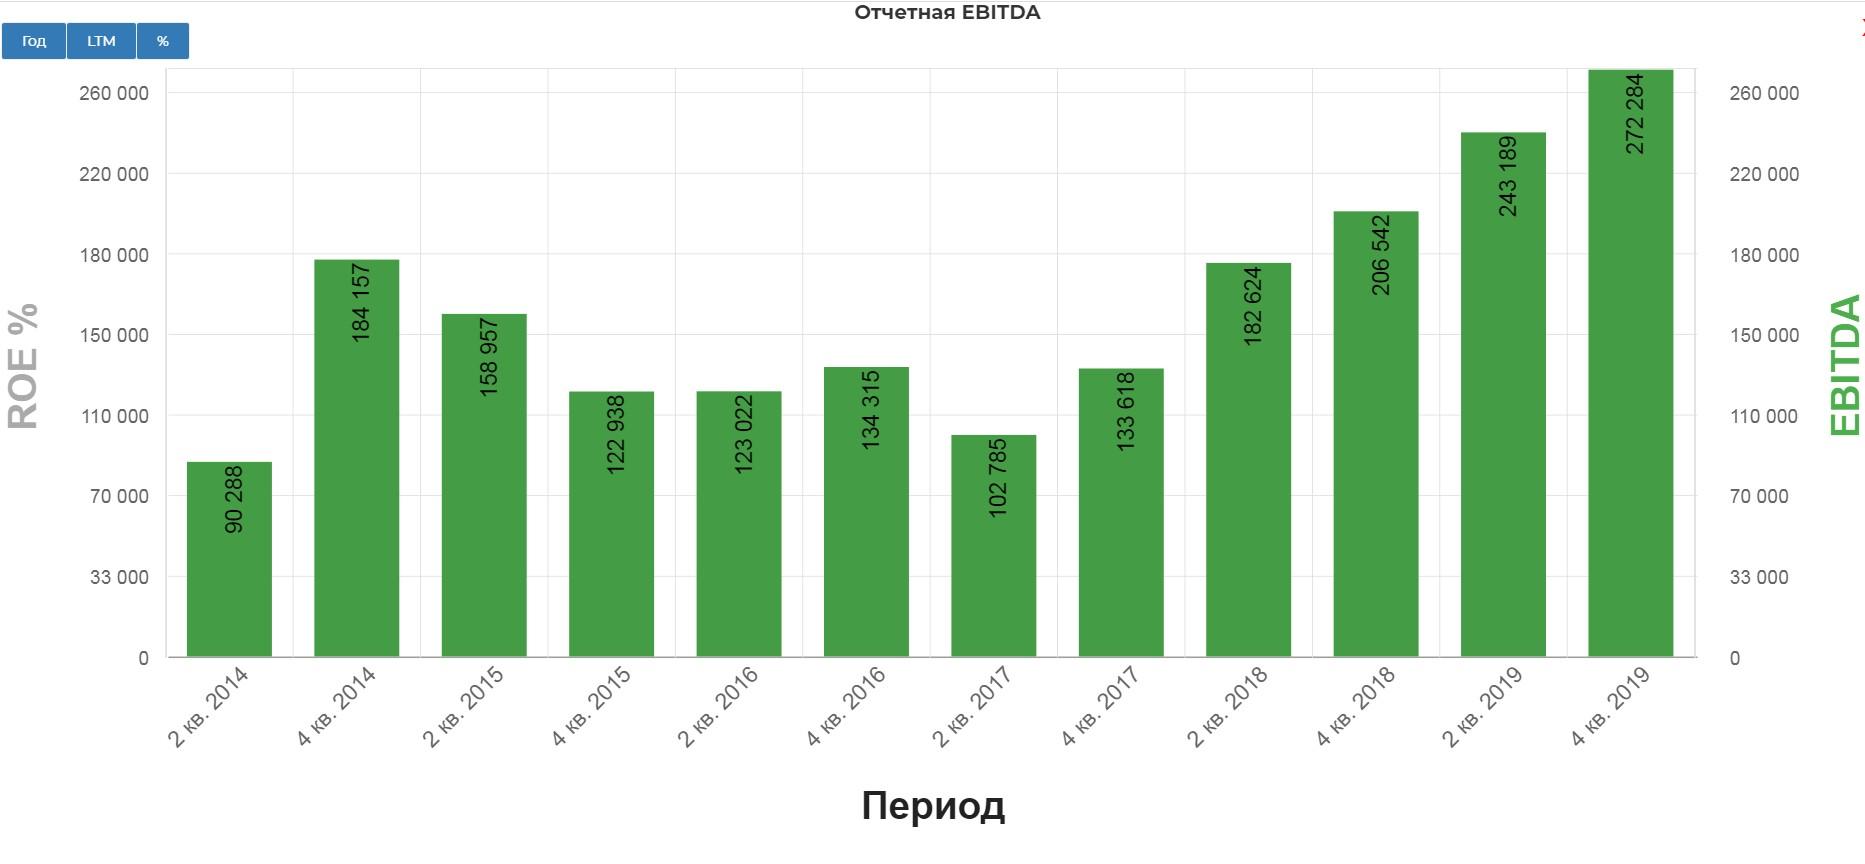 Норильский никель. Обзор финансовых показателей за 4-ый квартал 2019 года. Расчет итоговых дивидендов за 2019 и прогноз на 2020